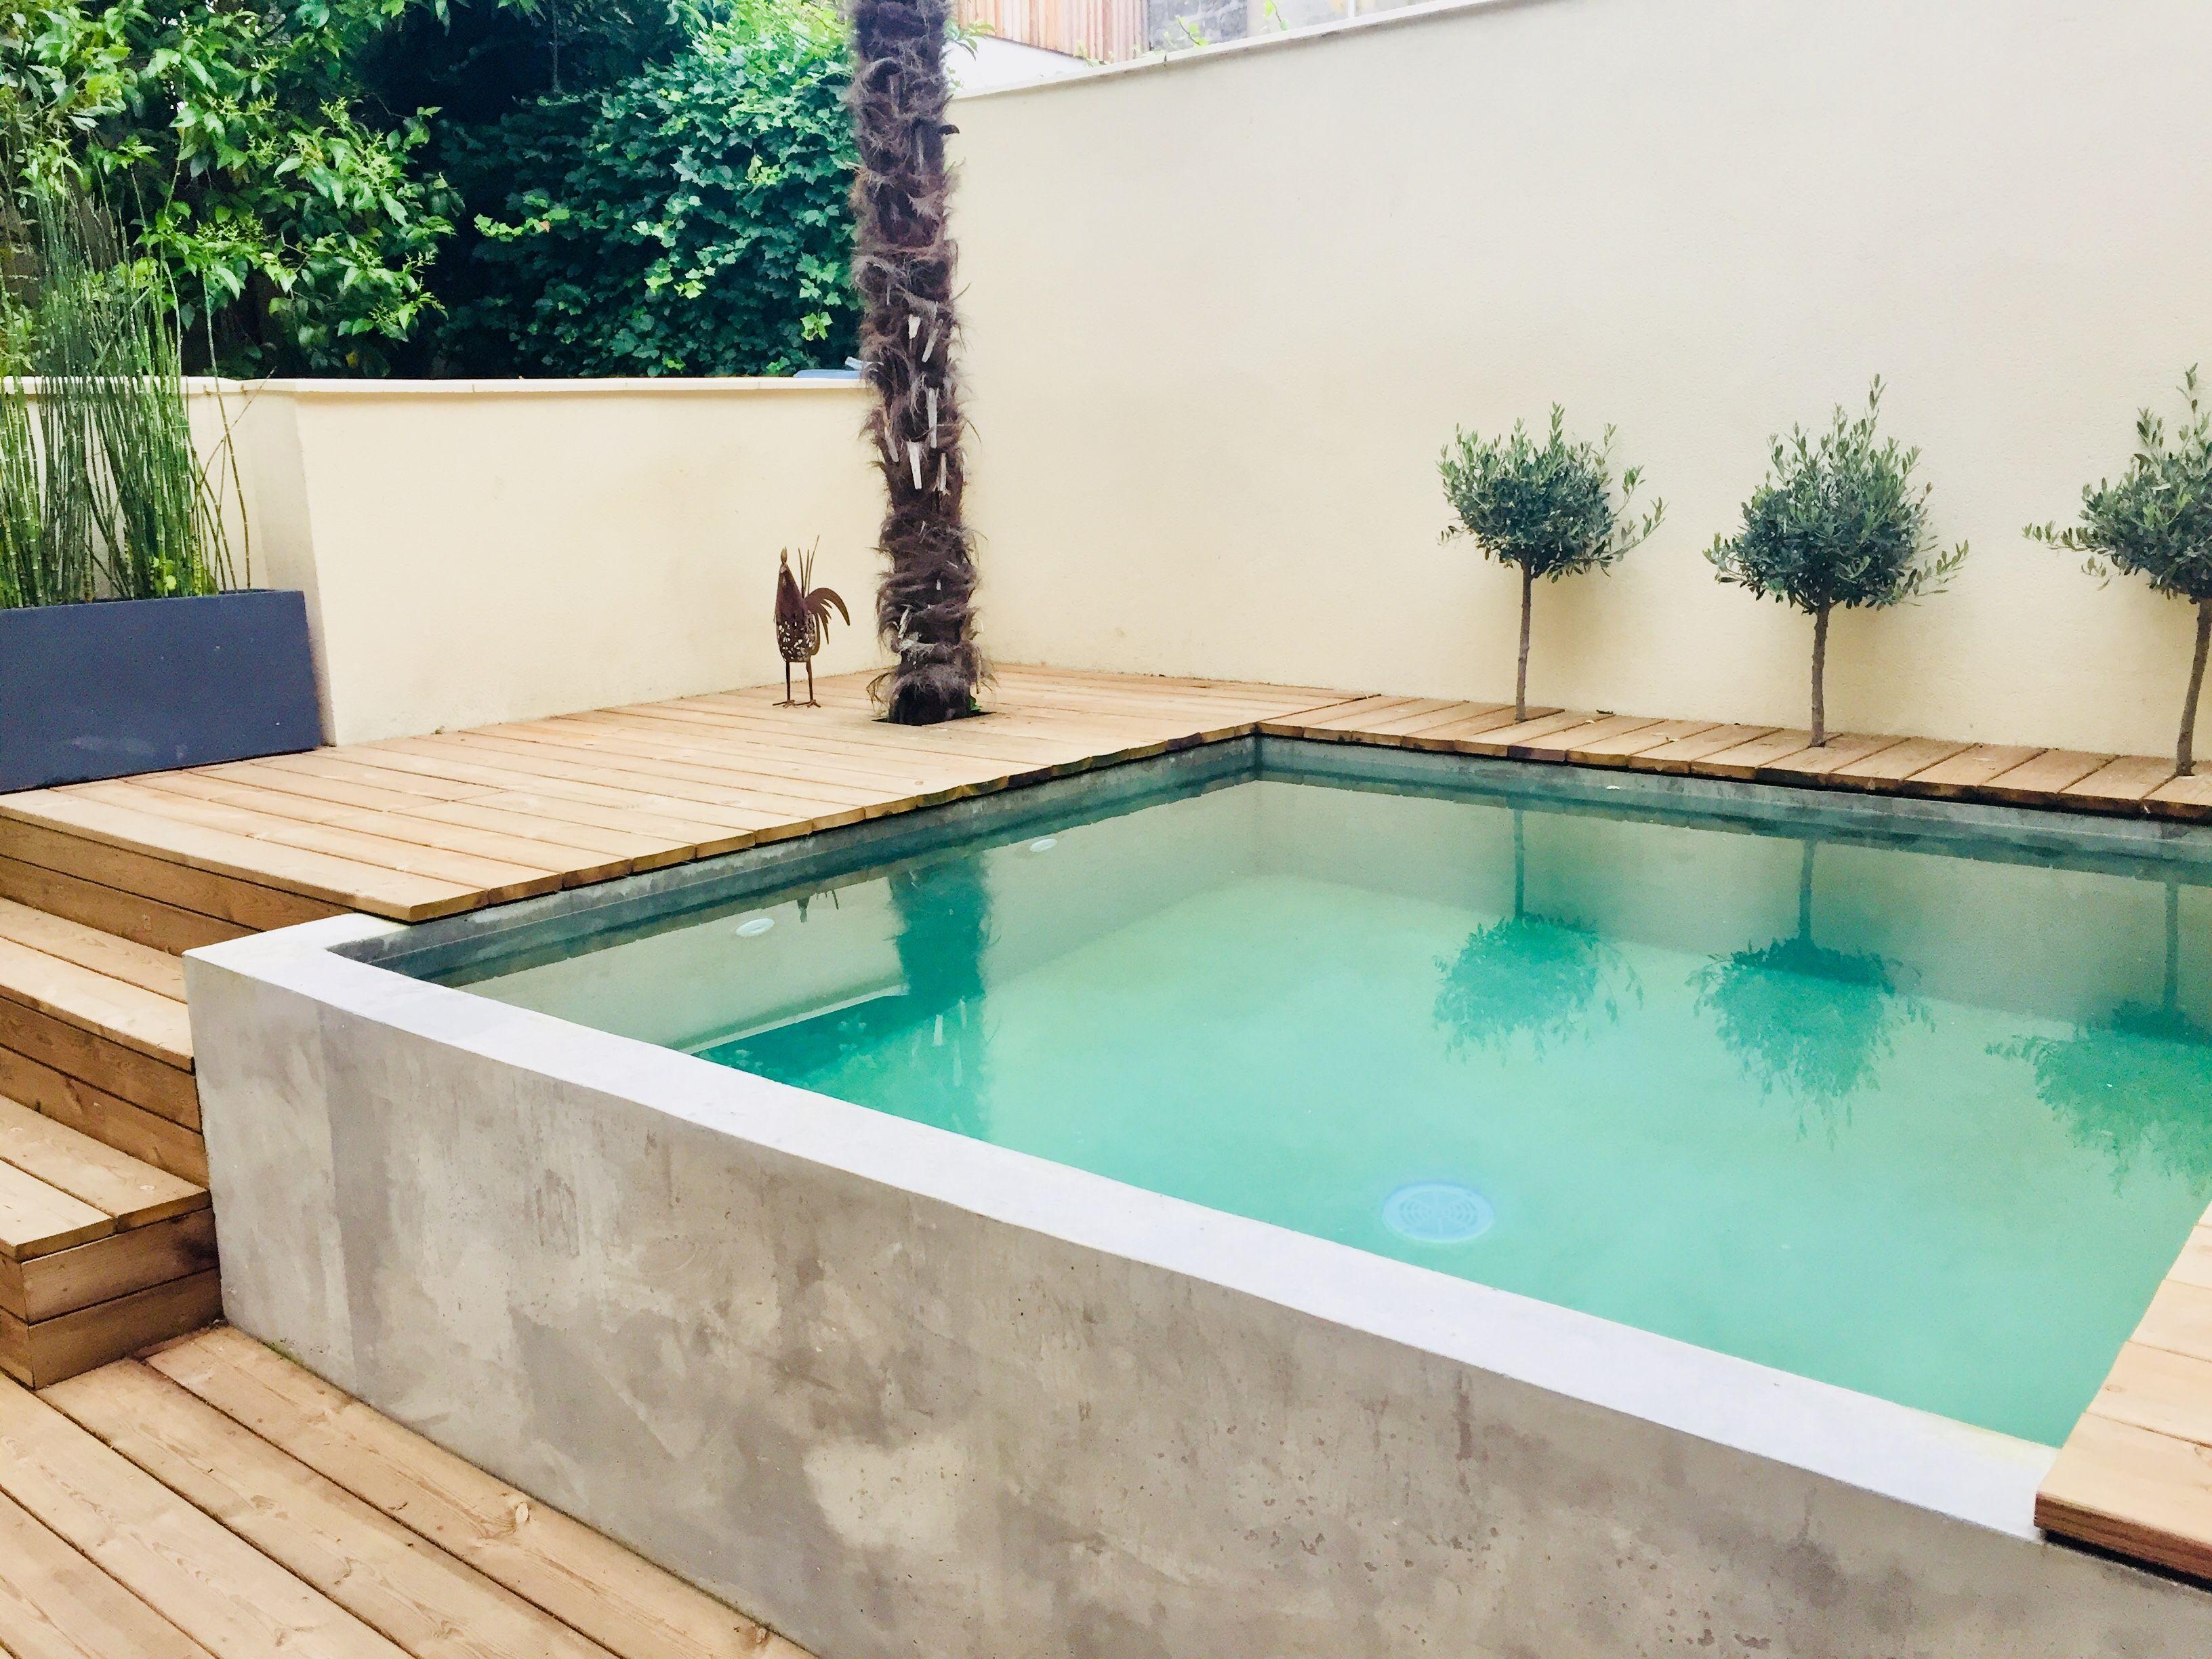 Épinglé par anne sur home ♡   piscine, petite piscine et mini piscine